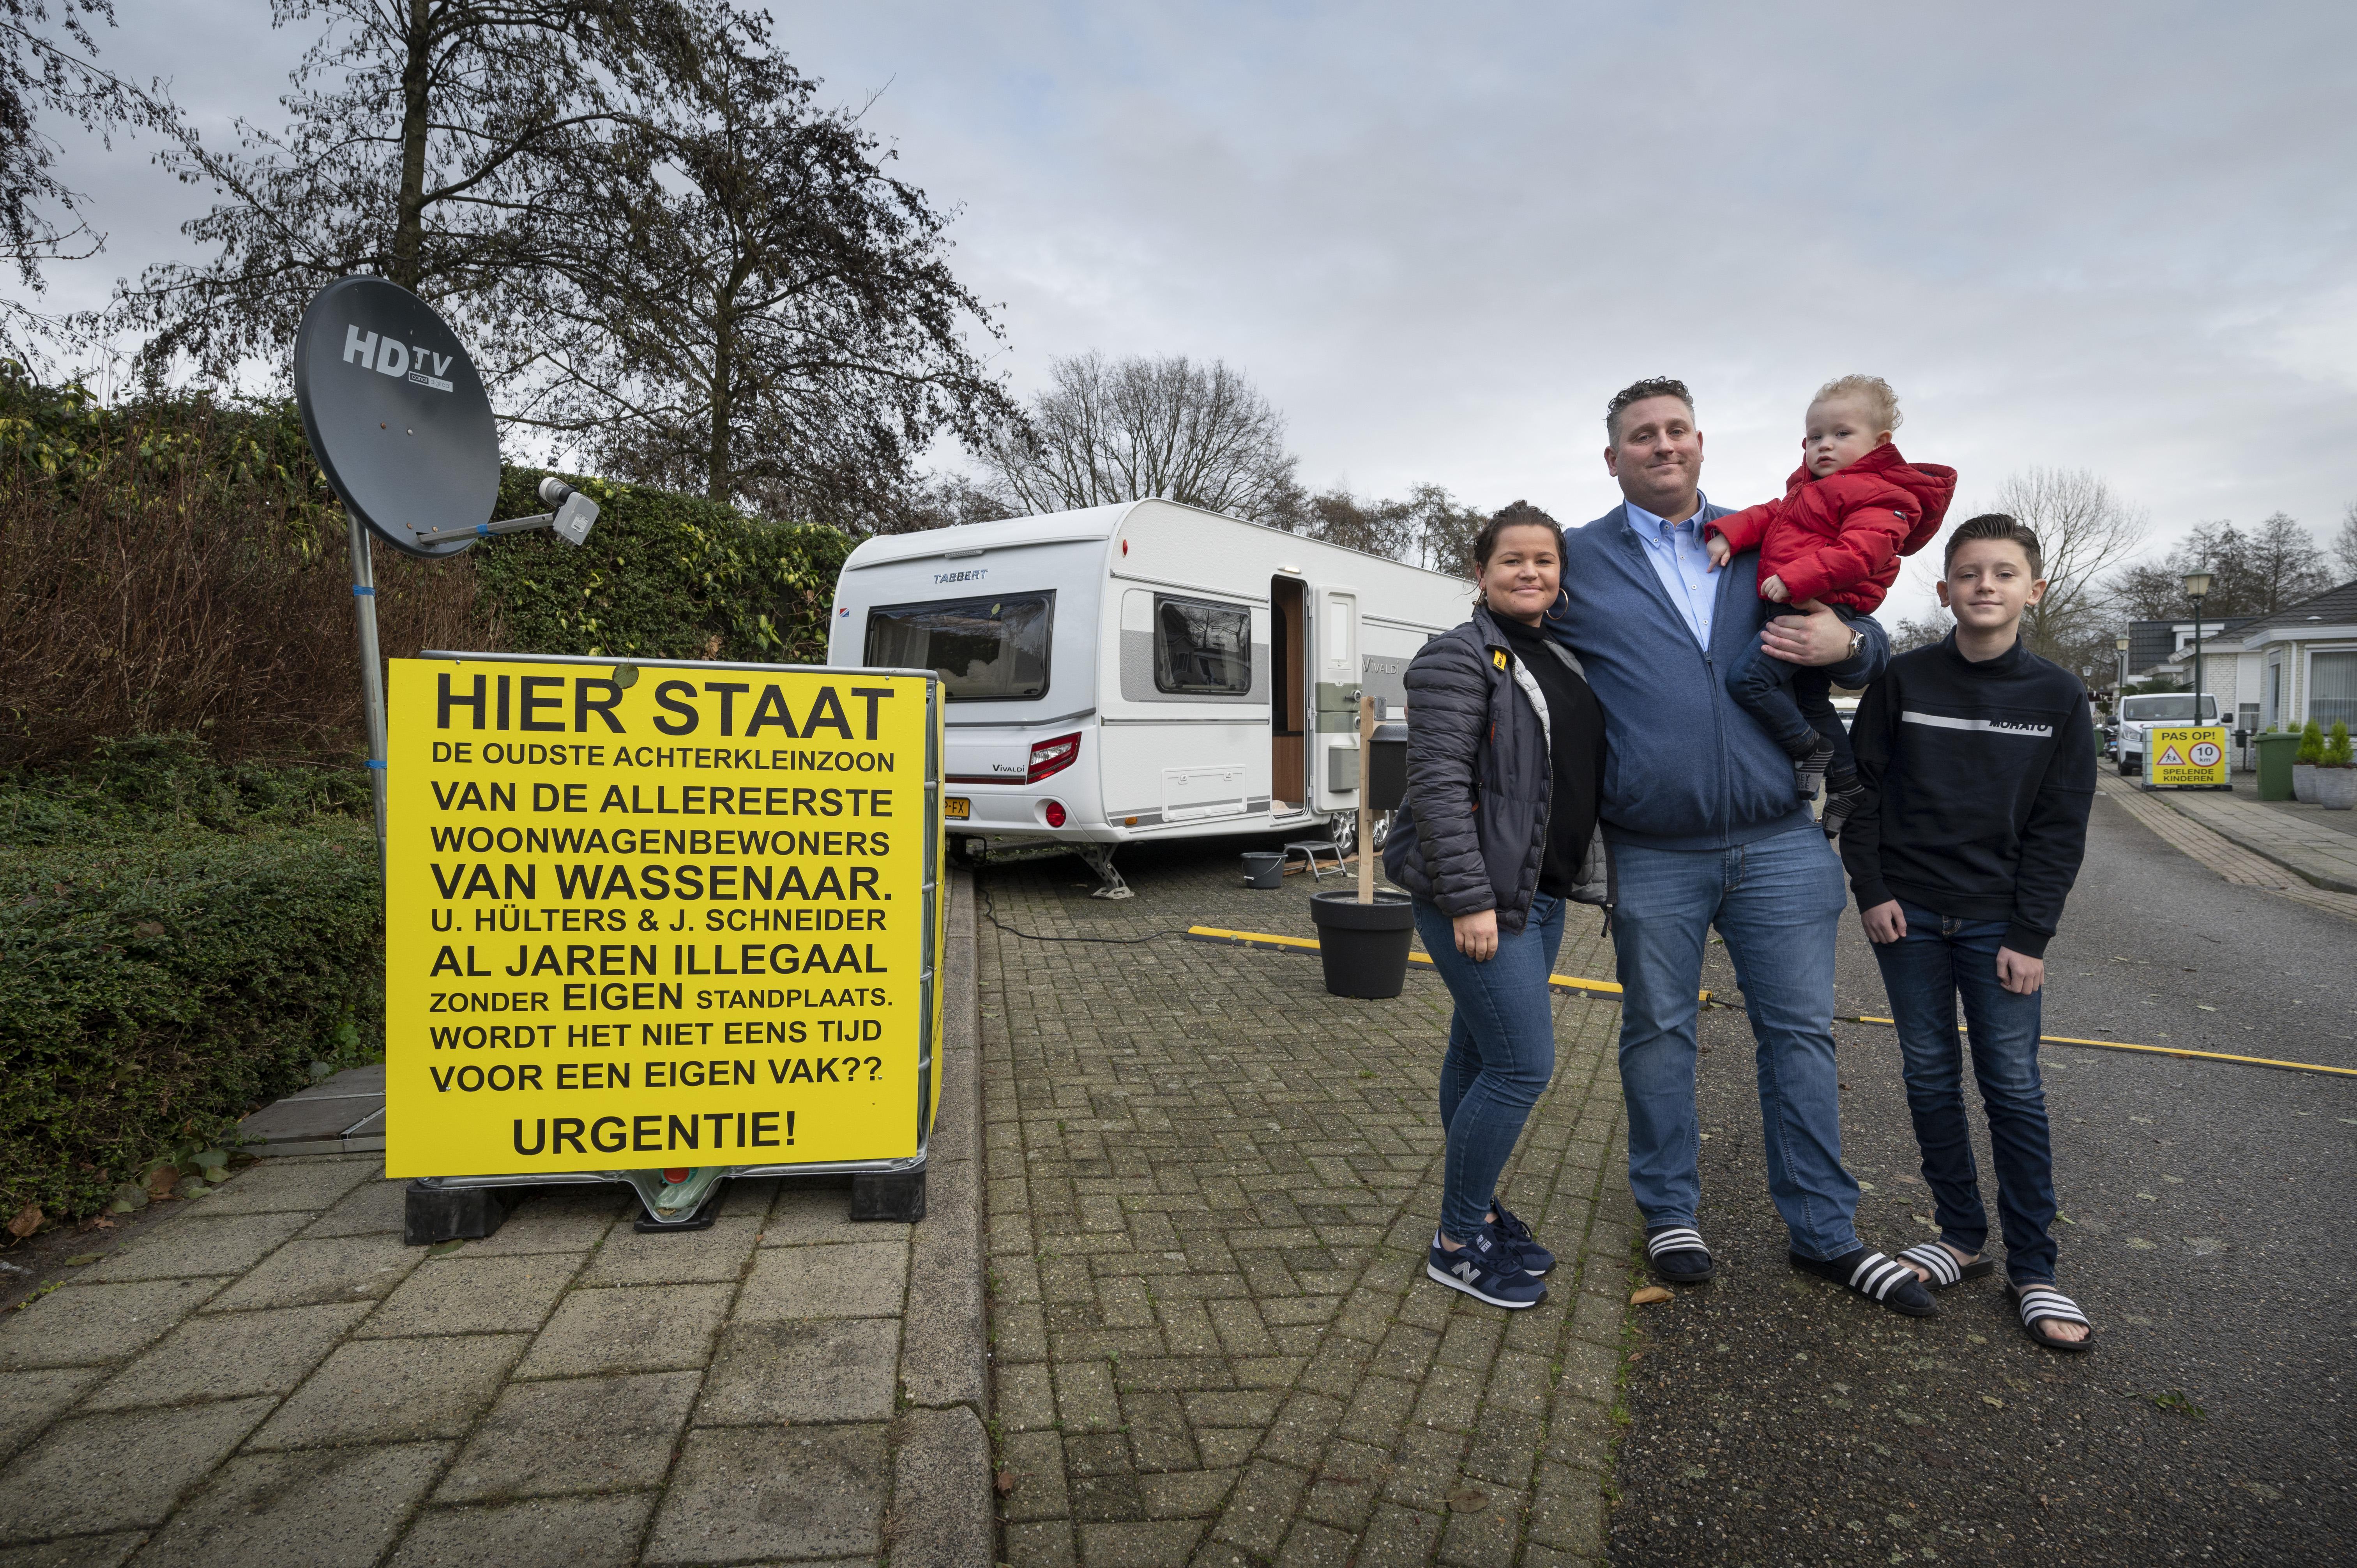 Gezin woont al anderhalf jaar in een toercaravan op Wassenaars woonwagenkamp: 'De drang om met familie bij elkaar te staan, zit zo diep. Dat is voor een buitenstaander bijna niet uit te leggen'